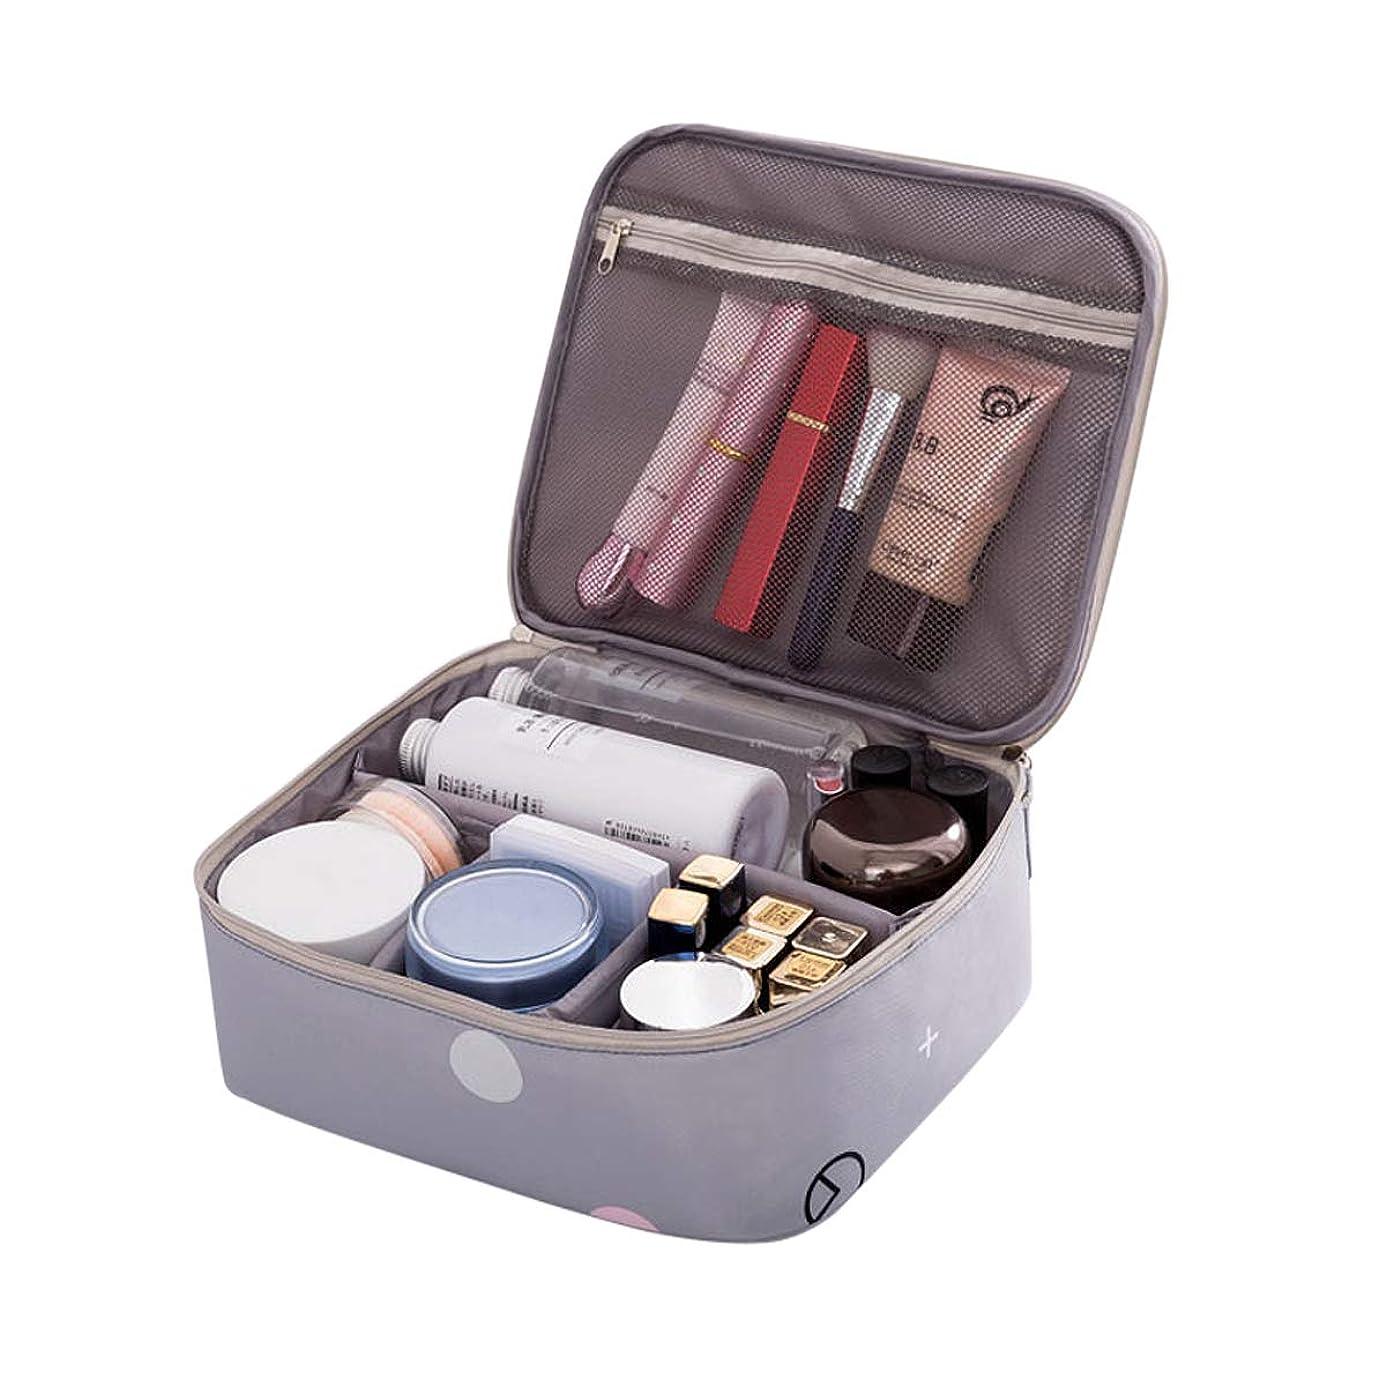 意味租界ホバーCoolzon化粧ポーチ 防水 機能的 大容量 化粧バッグ 軽量 化粧品収納 メイクボックス 折畳式 可愛い 旅行 出張( グレー)